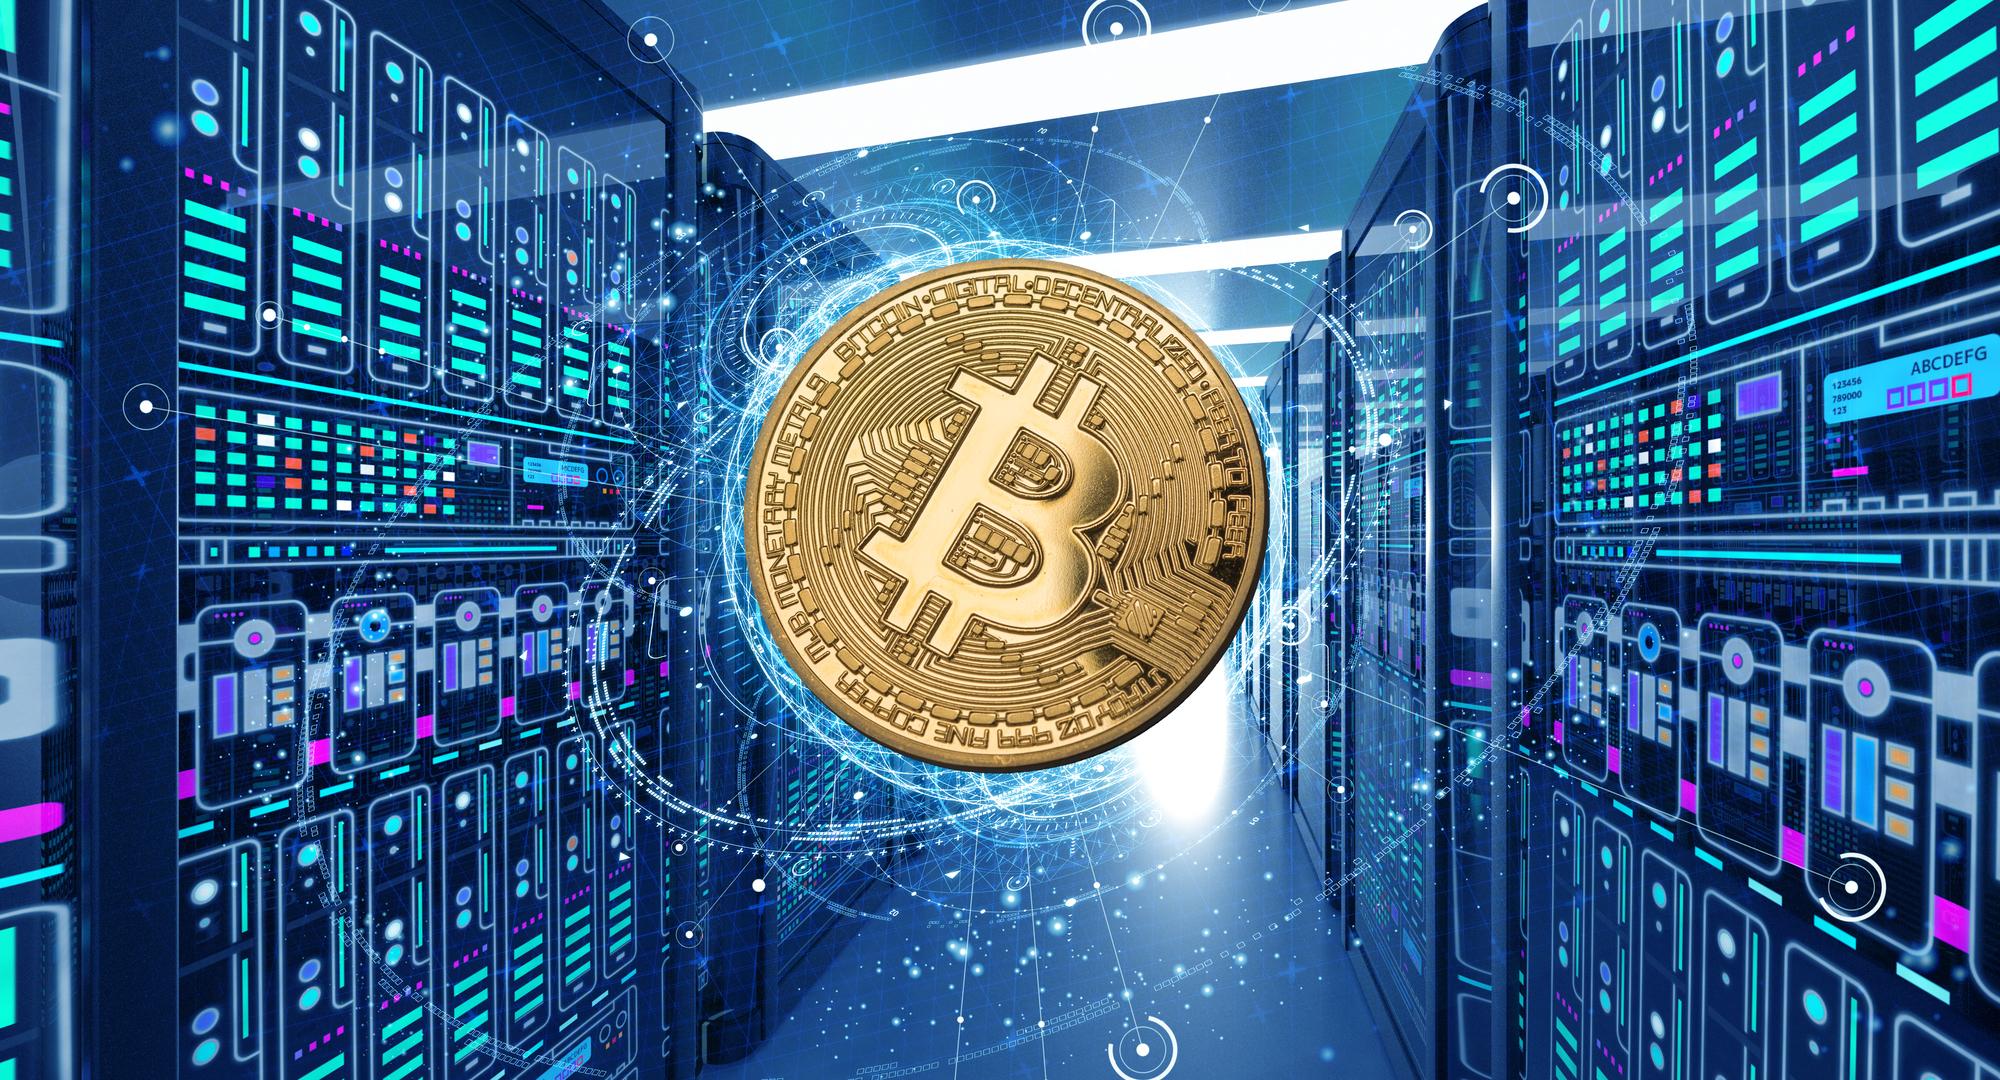 「ビットコイン価格は1億円に達する可能性がある」マーク・ユースコ氏が大胆予測